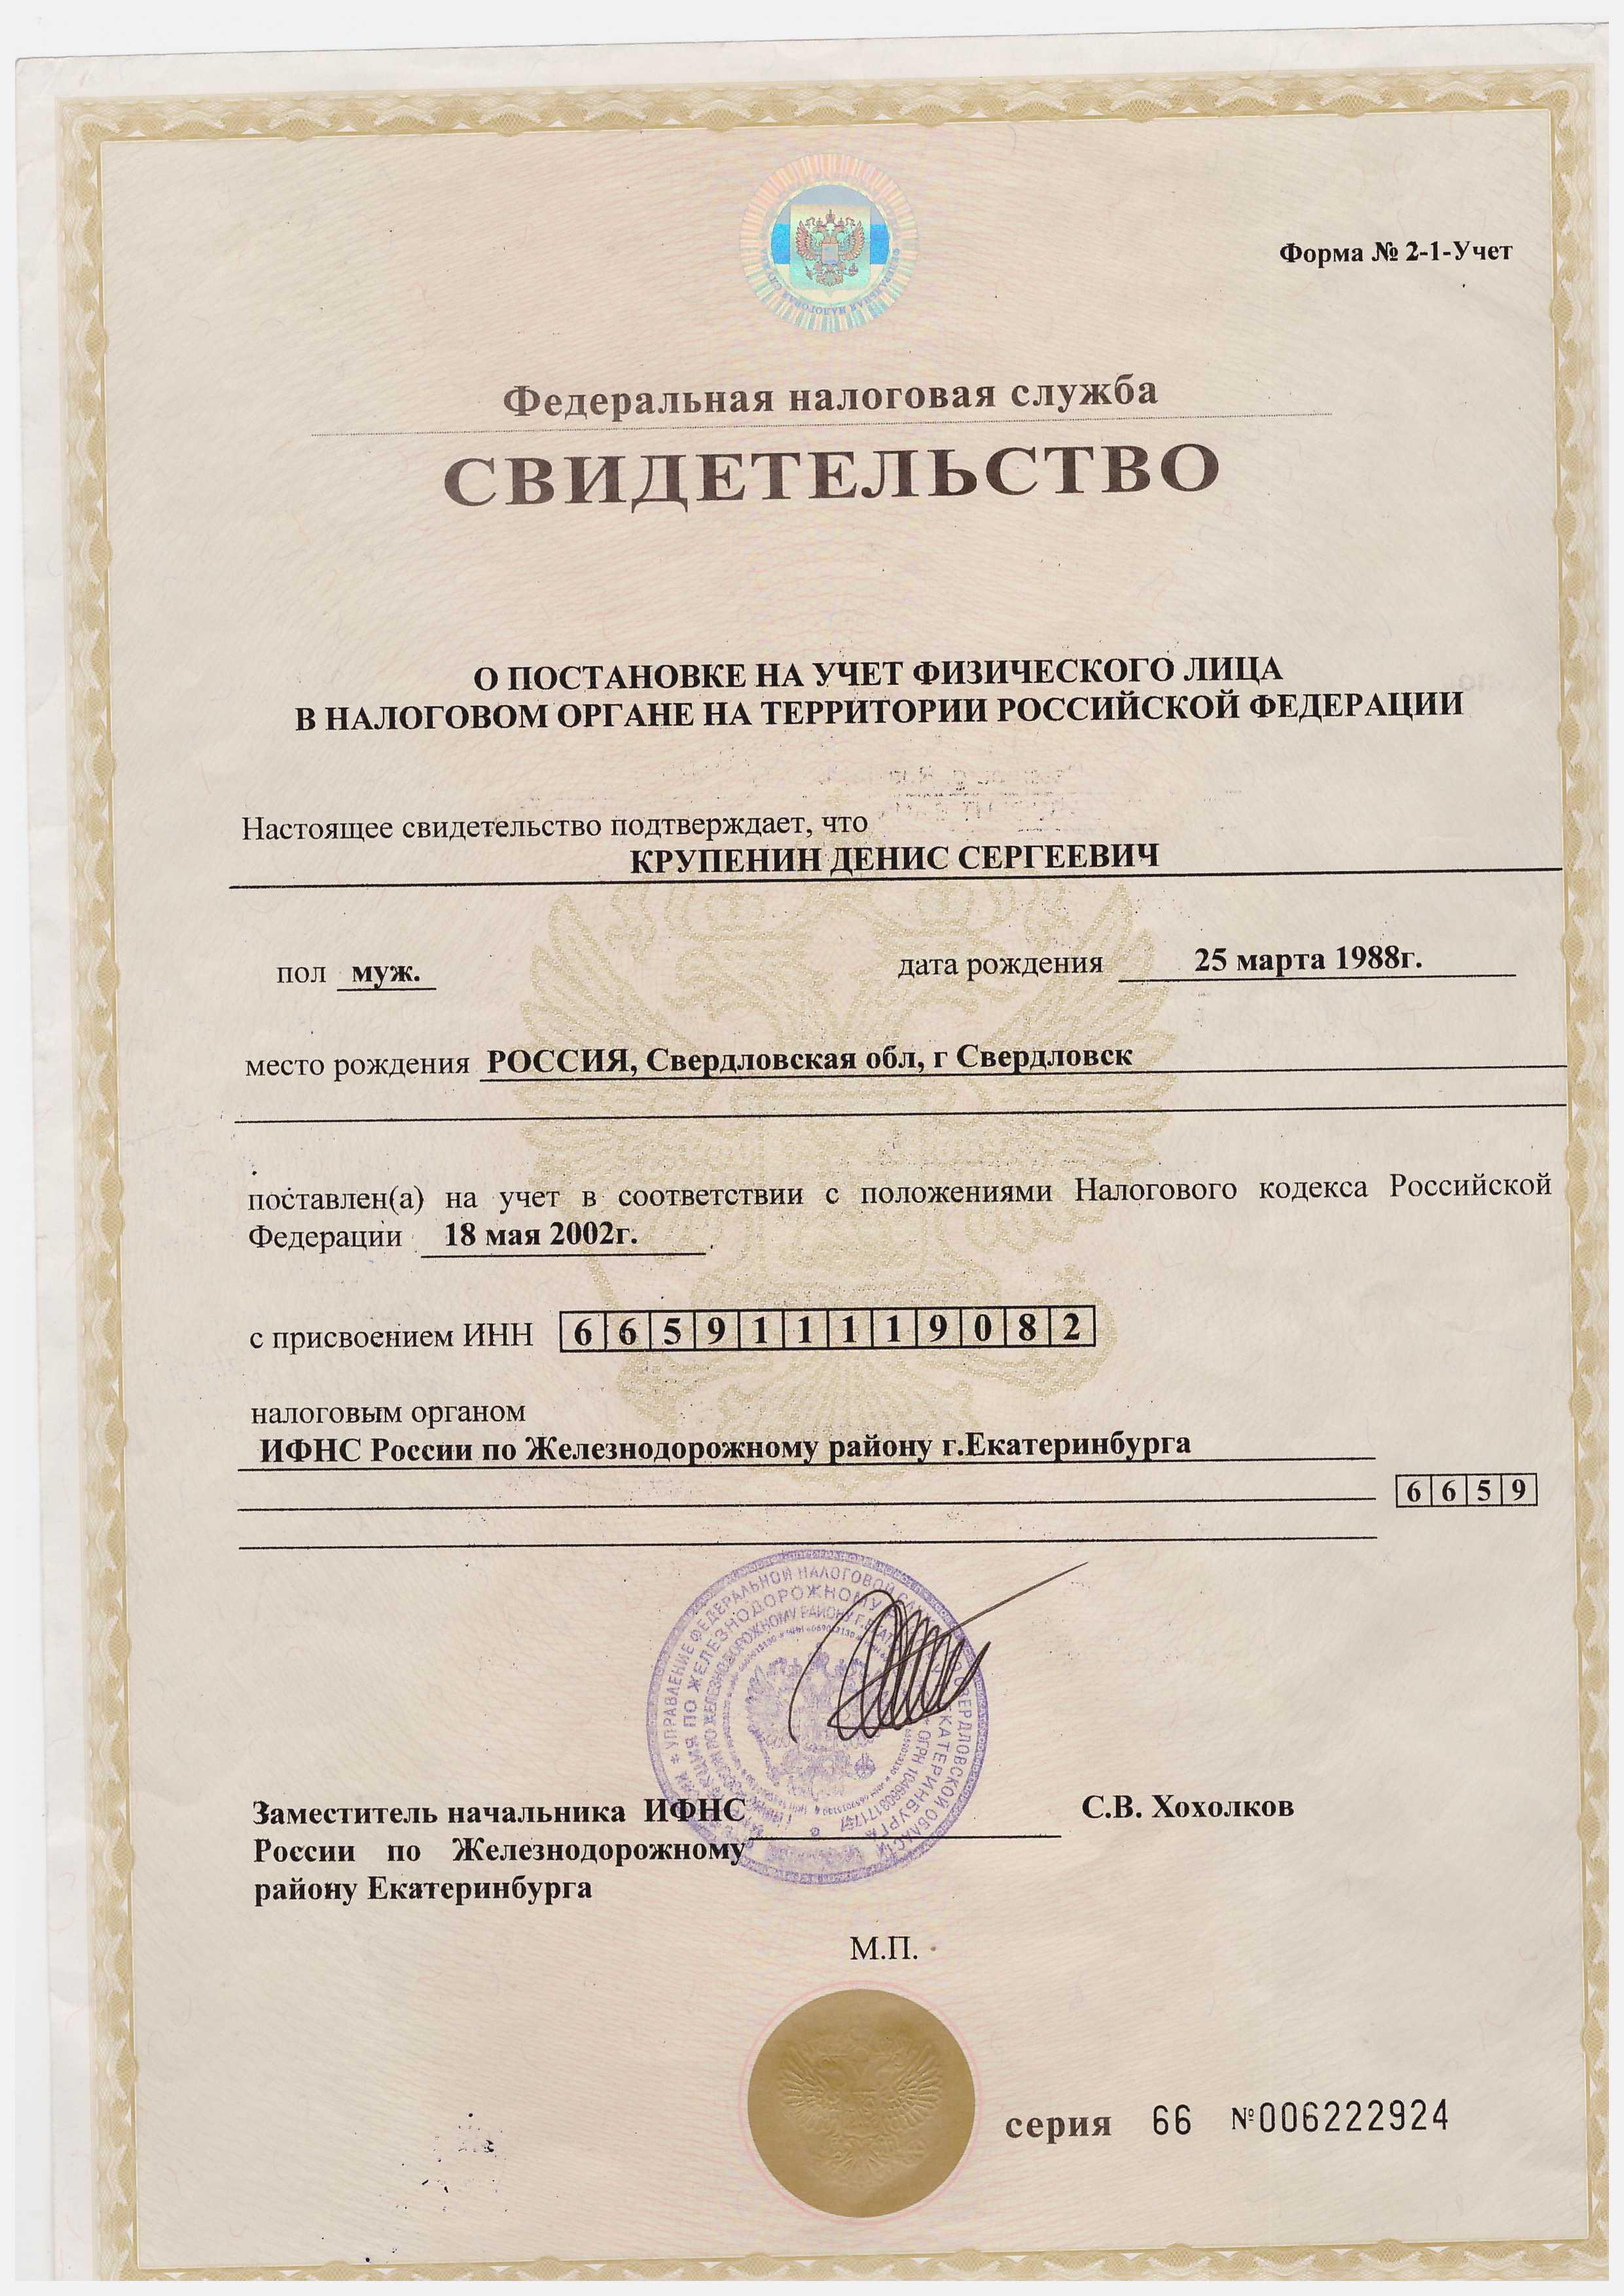 ИНН-Крупенин-Денис-Сергеевич